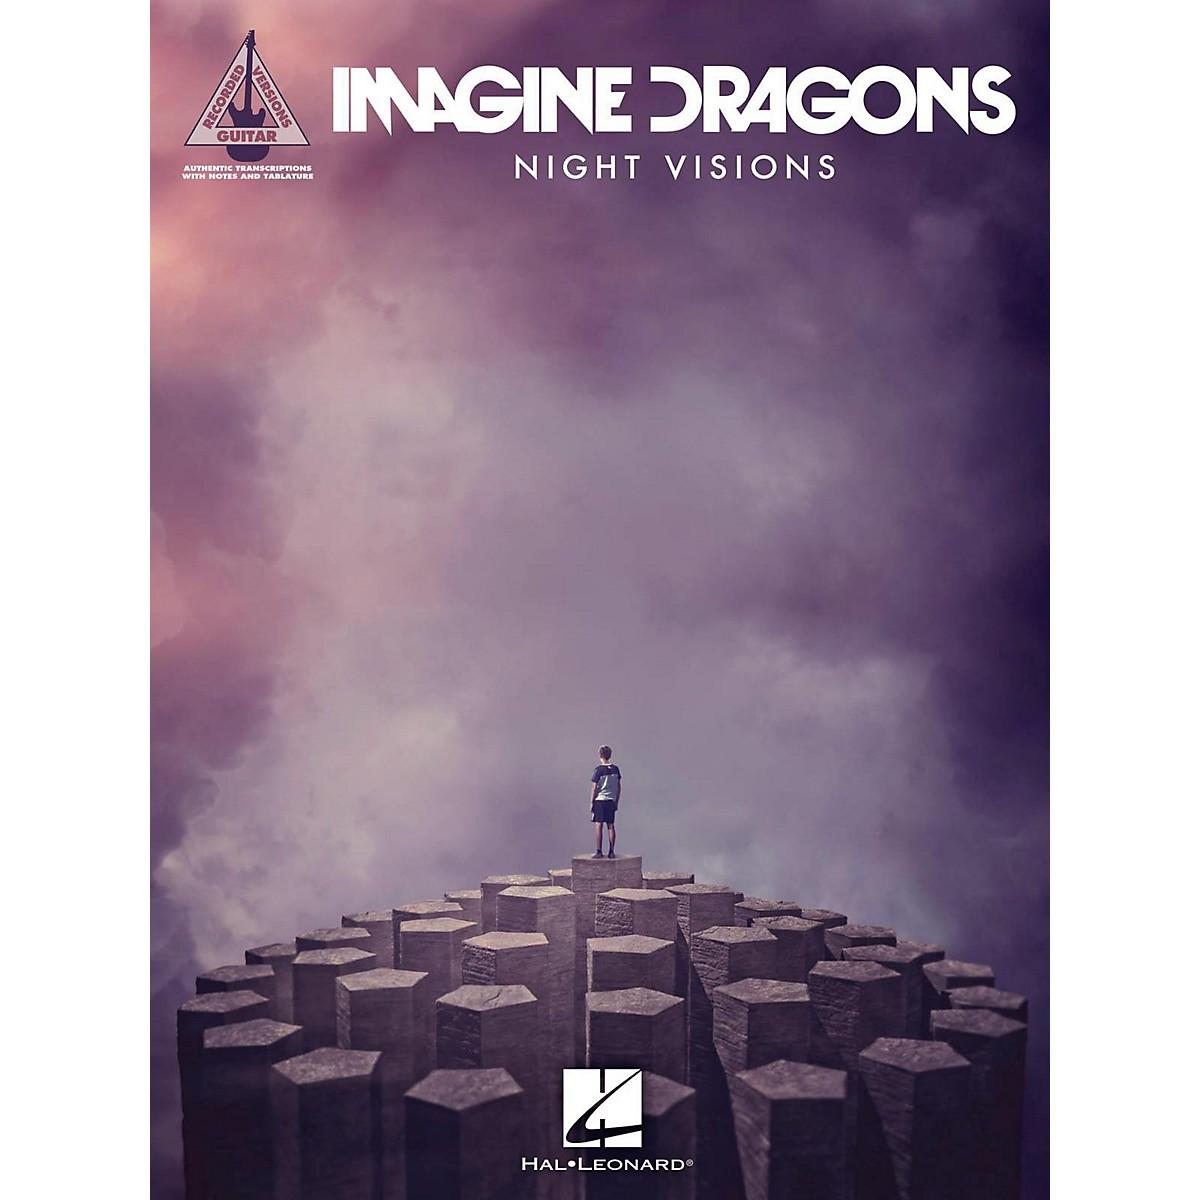 Hal Leonard Imagine Dragons - Night Visions Guitar Tab Songbook